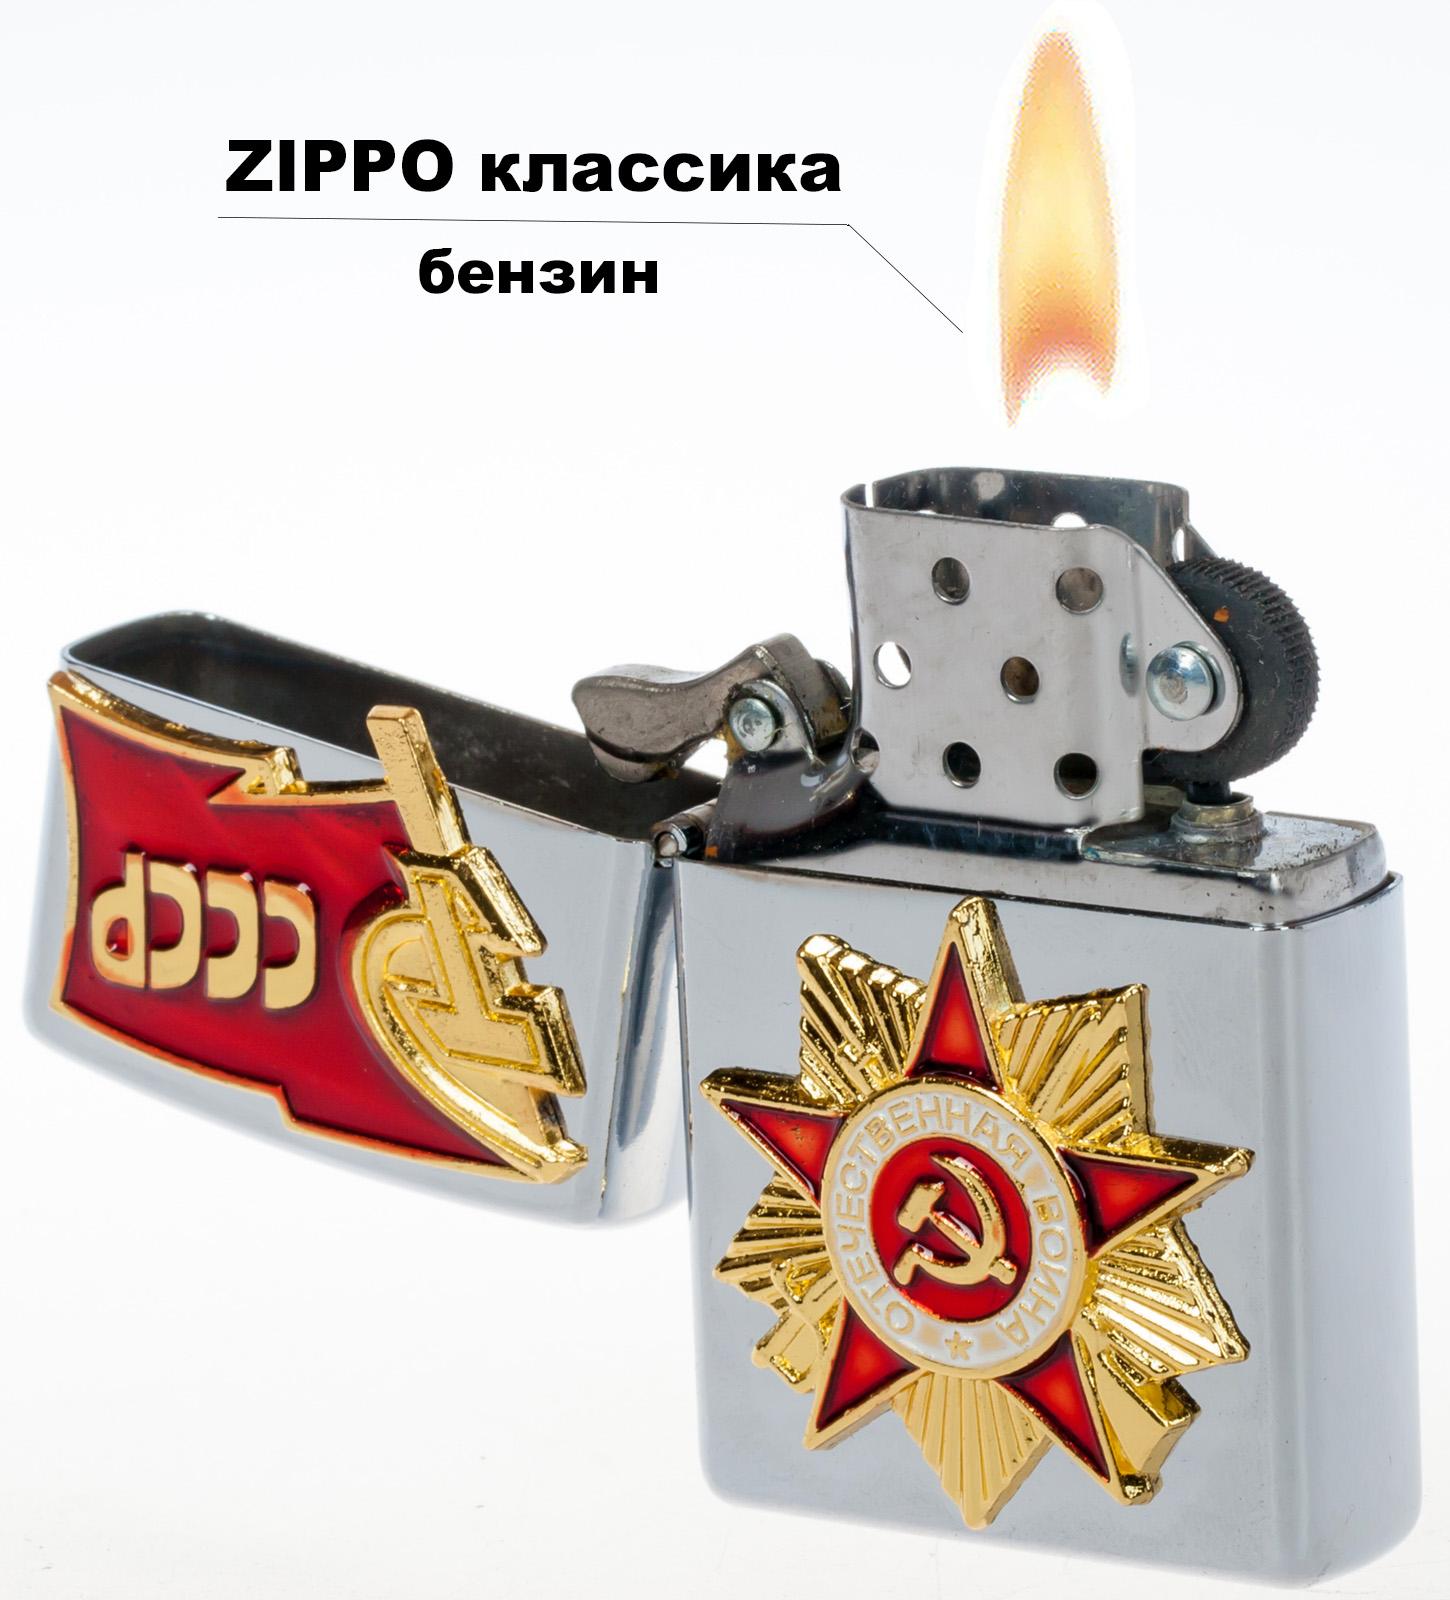 Коллекционная зажигалка с символикой СССР